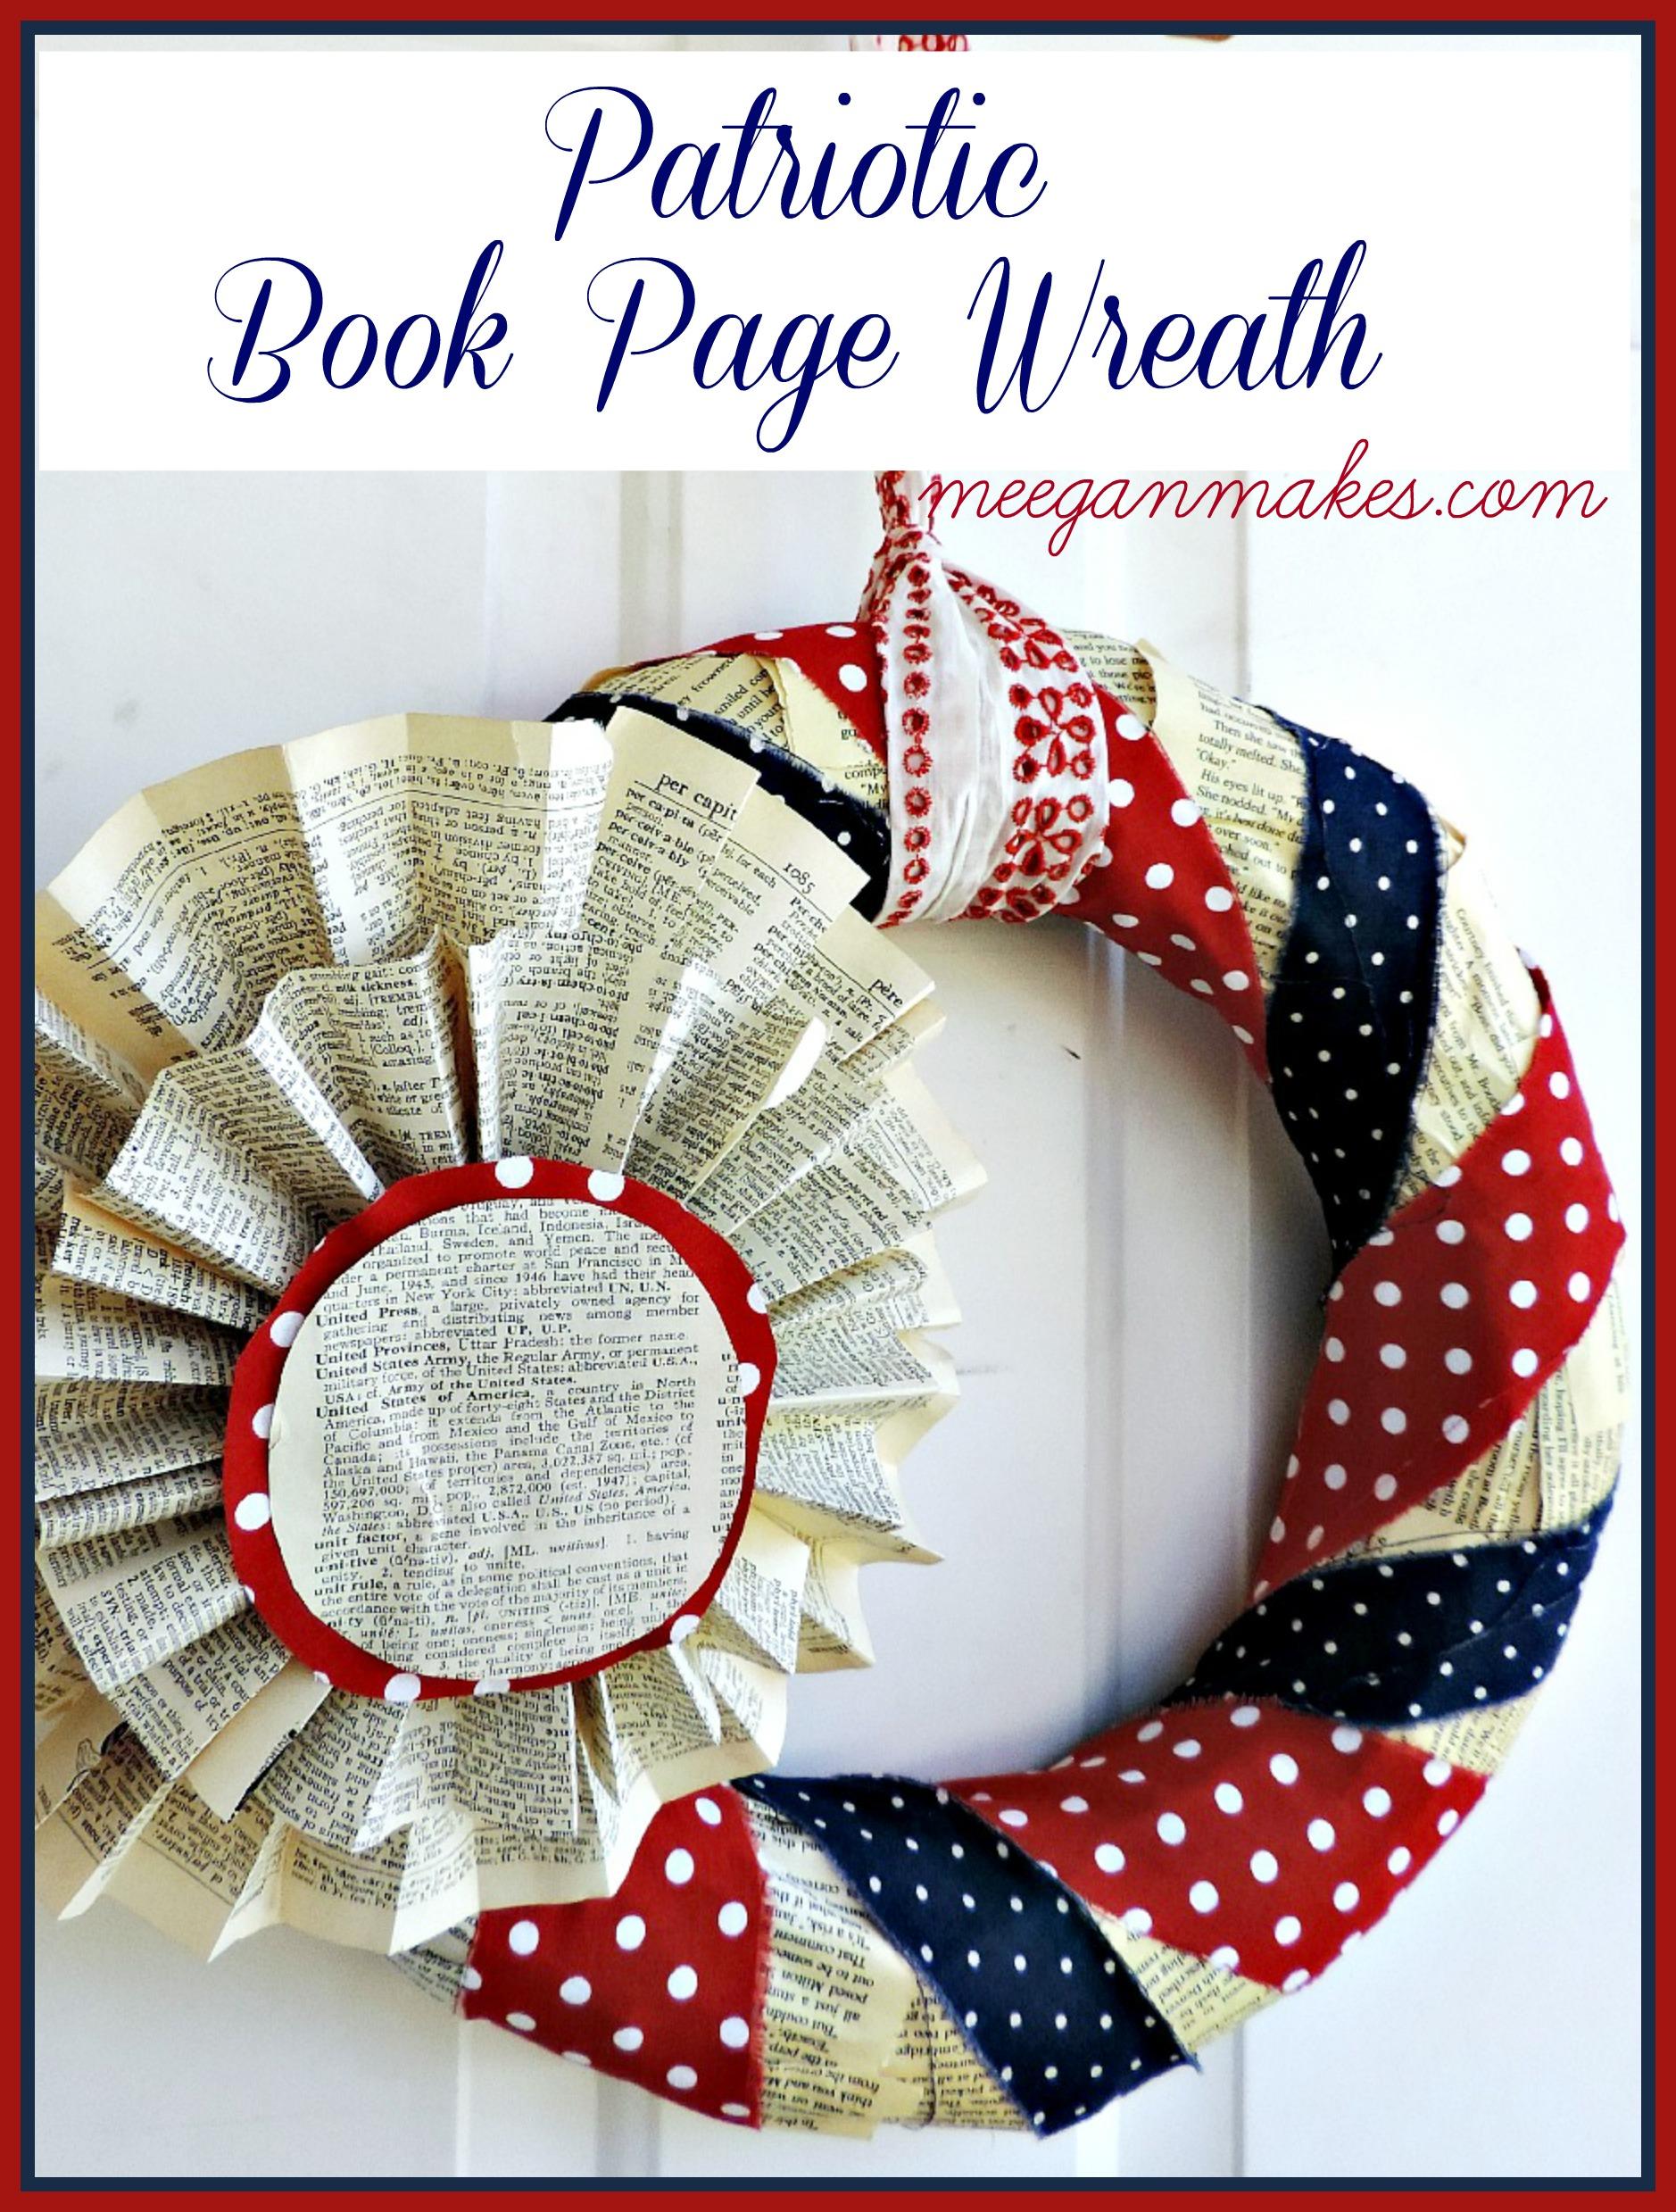 Patriotic Book Page Wreath